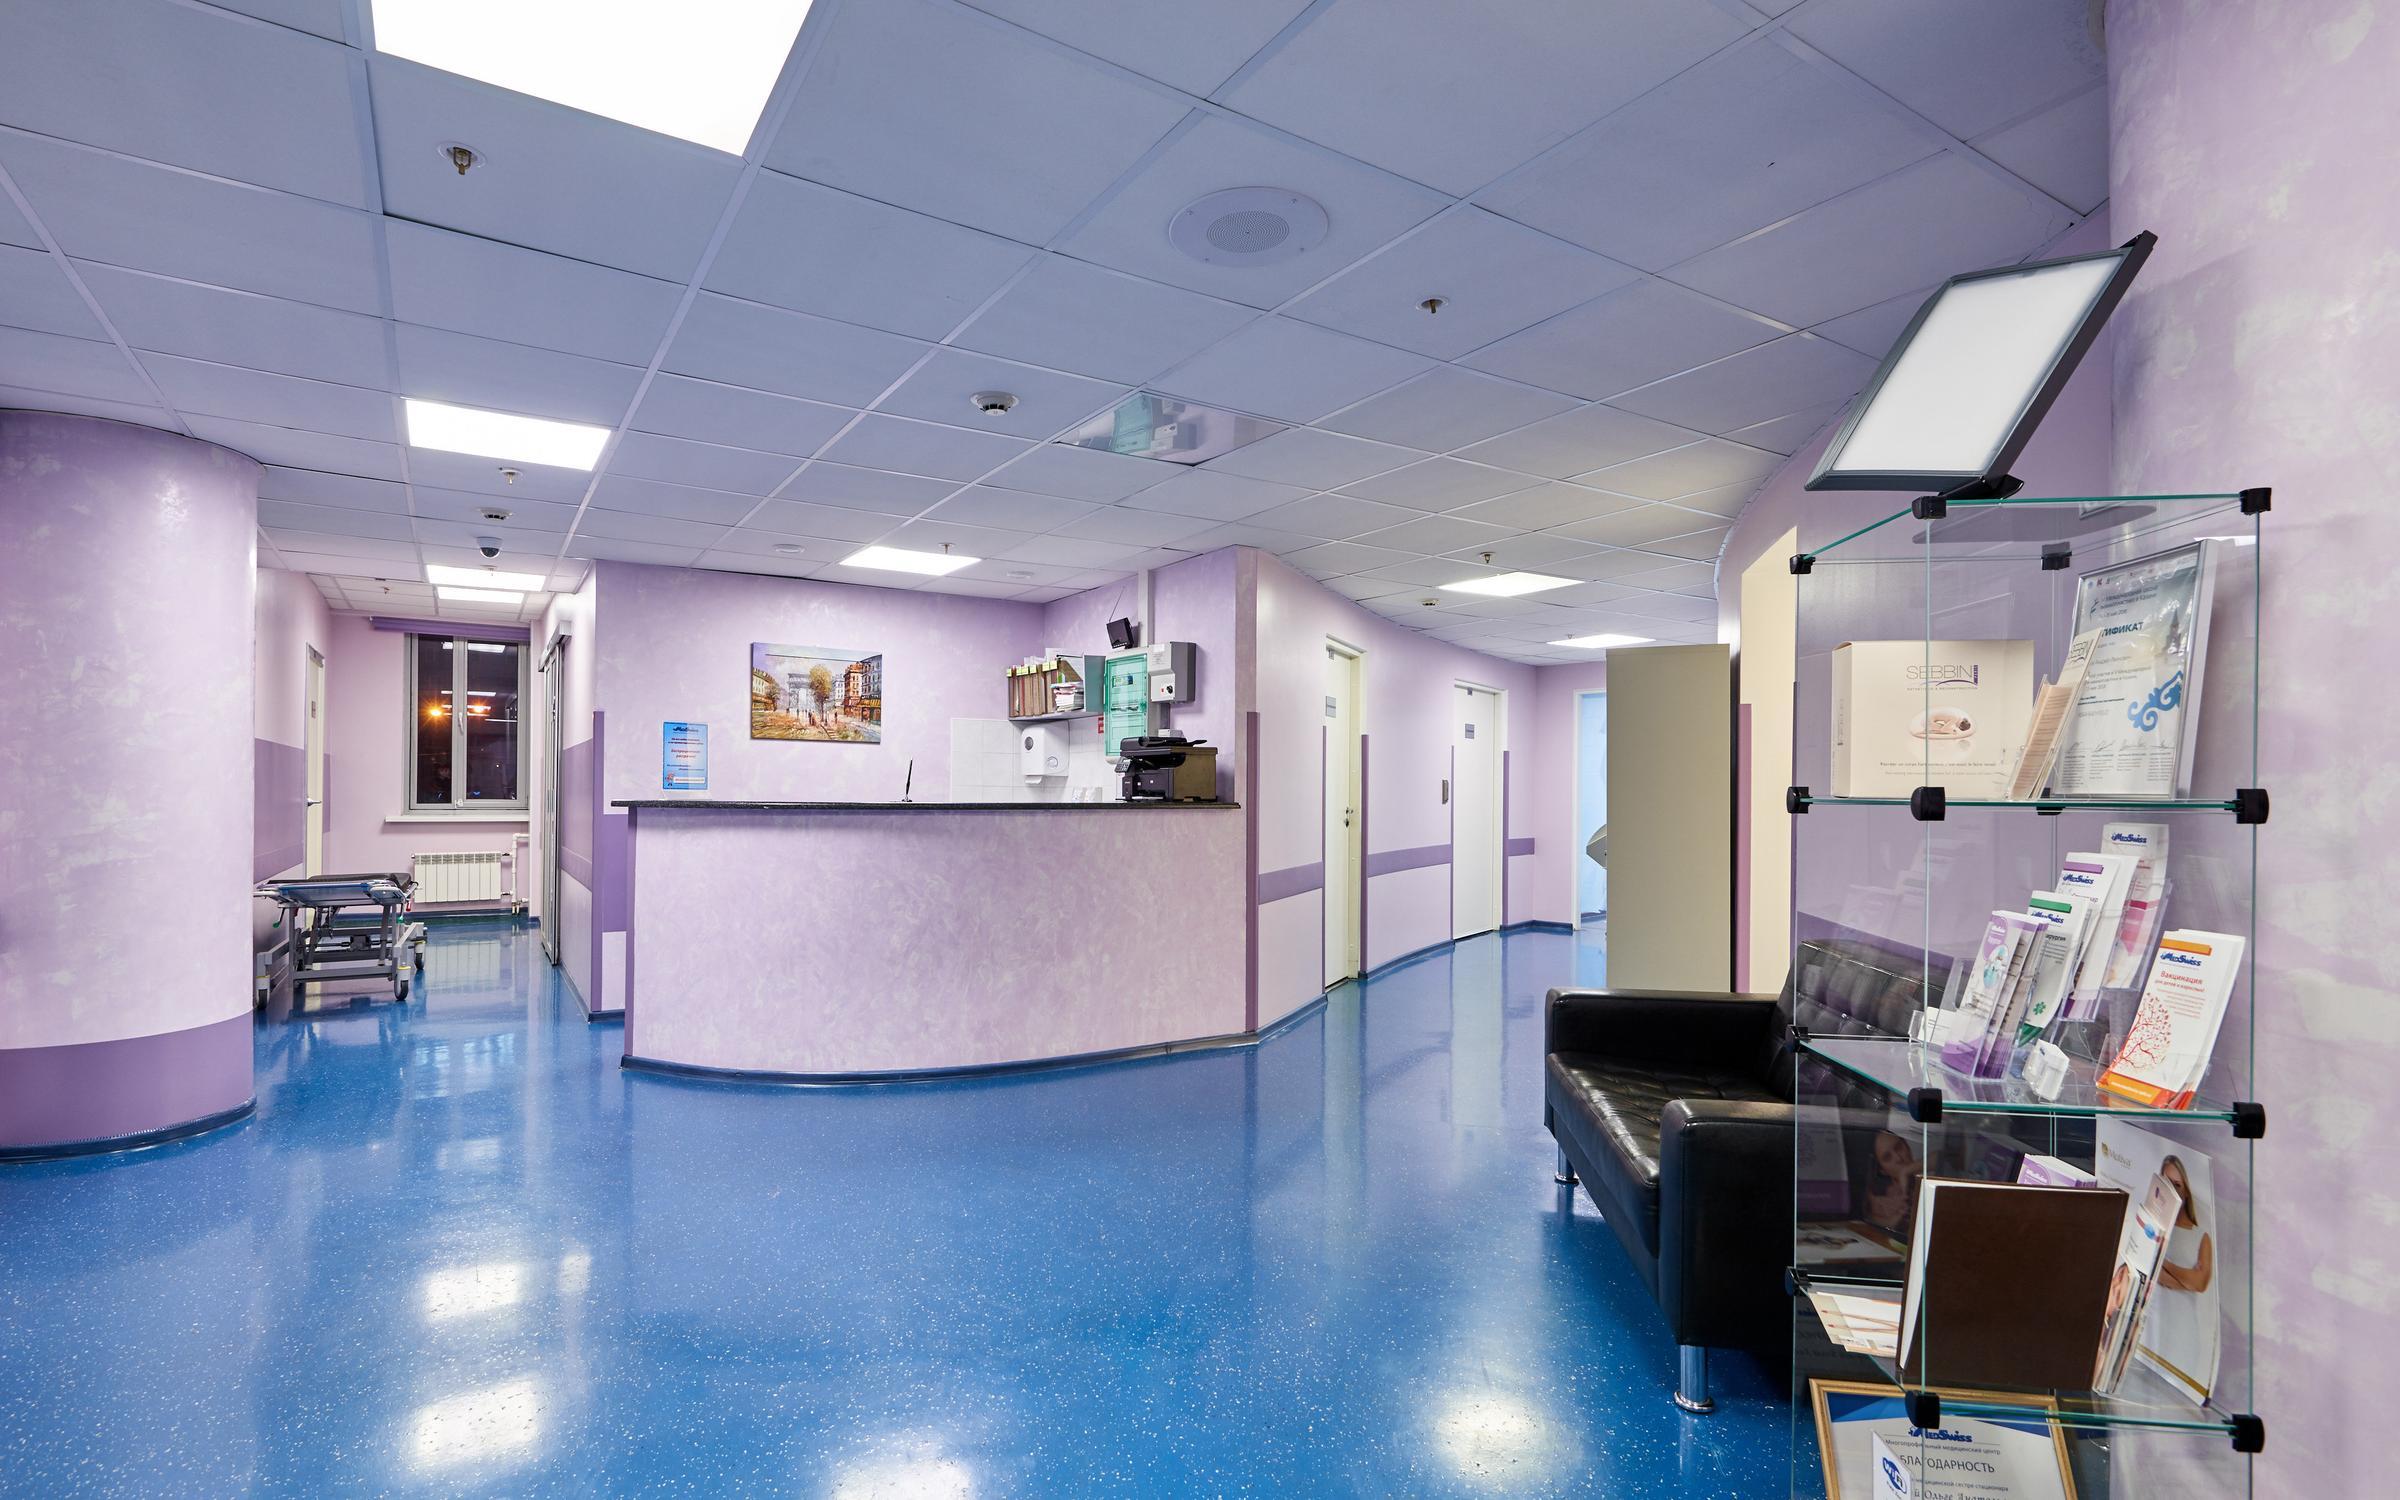 фотография Стационарного хирургического отделения медицинского центра MedSwiss на Гаккелевской улице